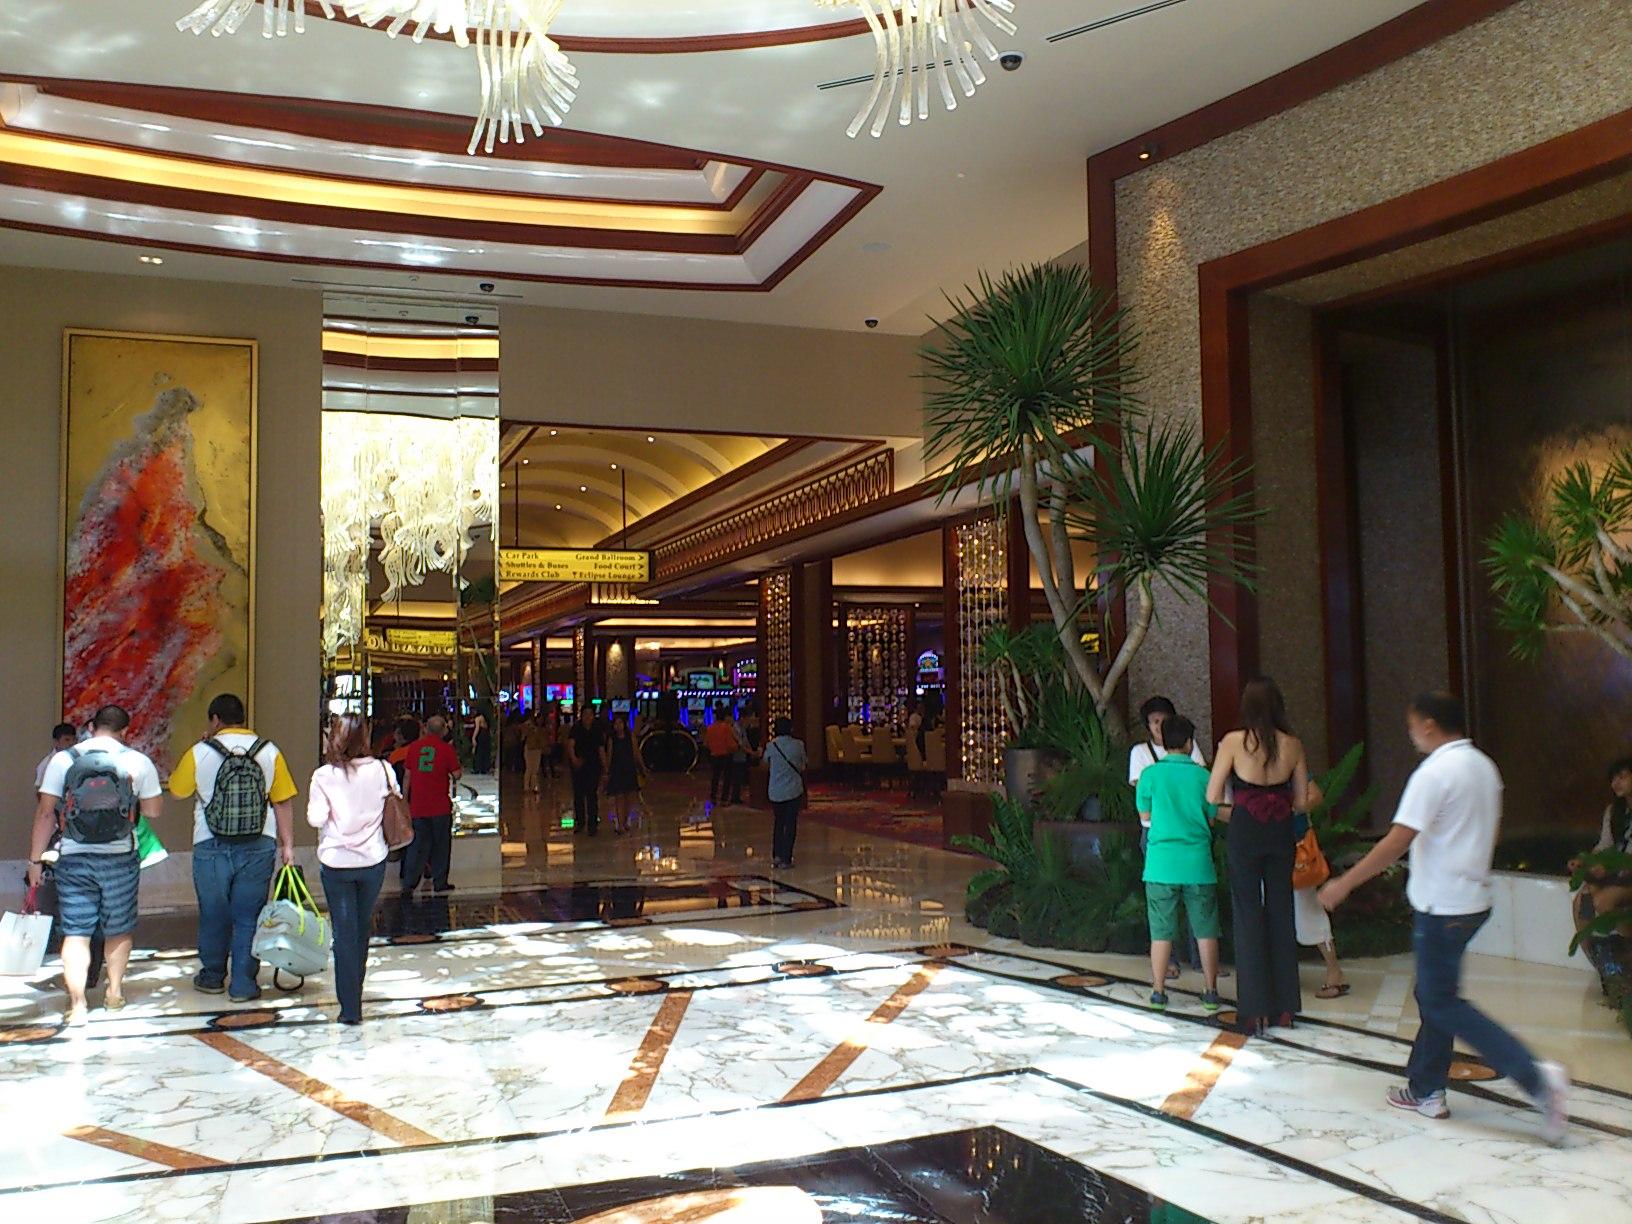 DSC 1864 マニラに出来た新しいカジノリゾート Solaire Resorts & Casino